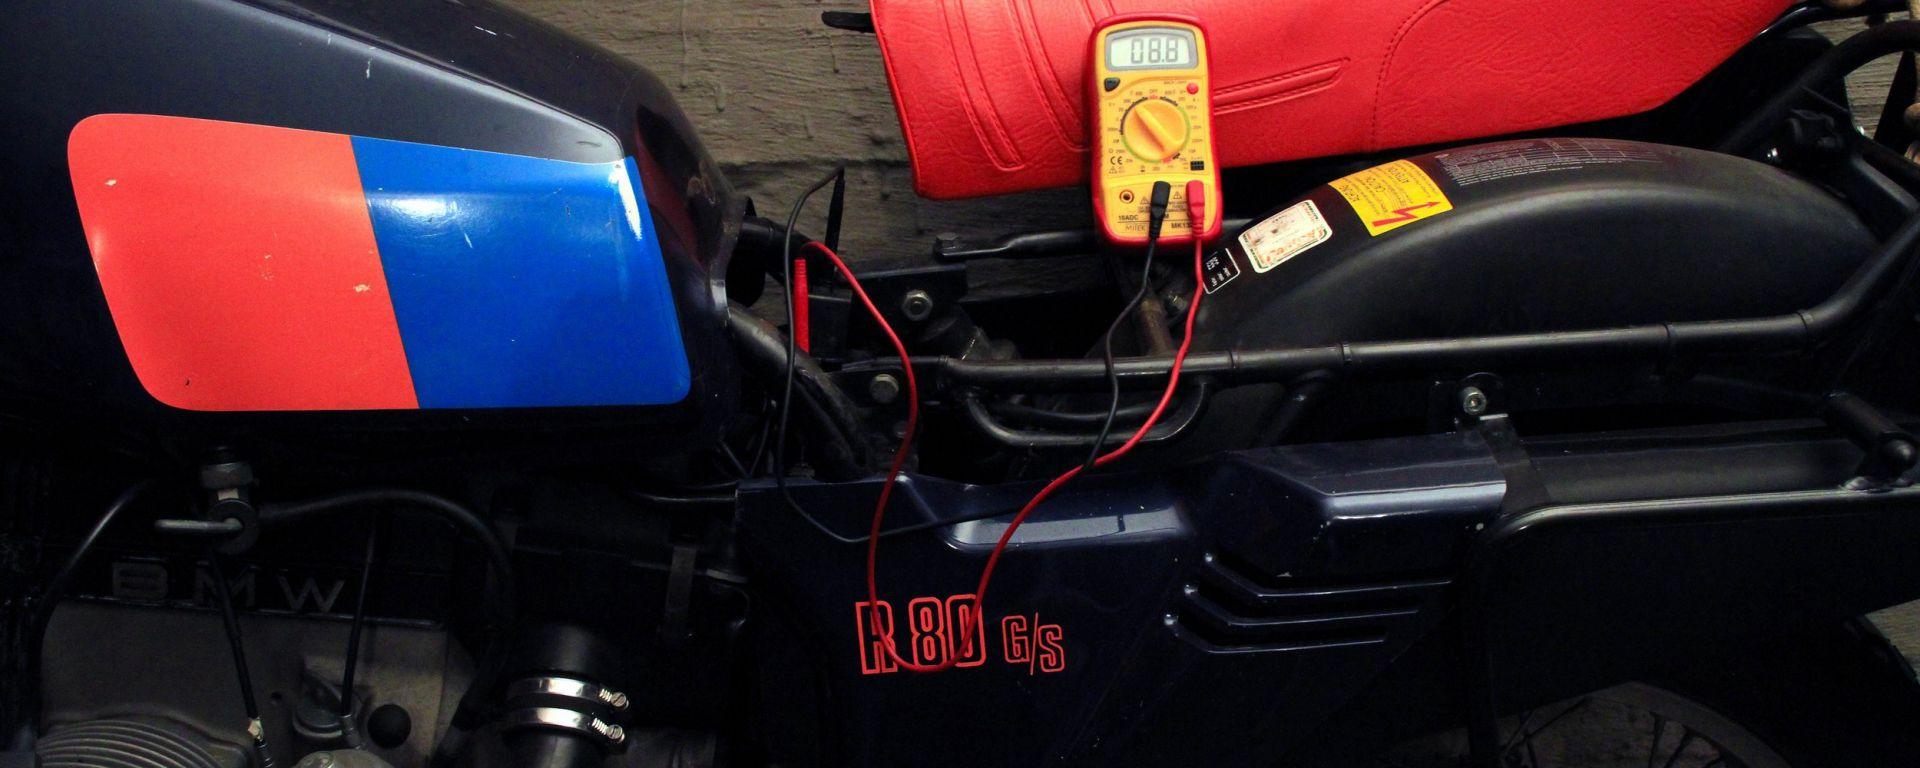 Mantenitori di carica: come salvarsi la batteria